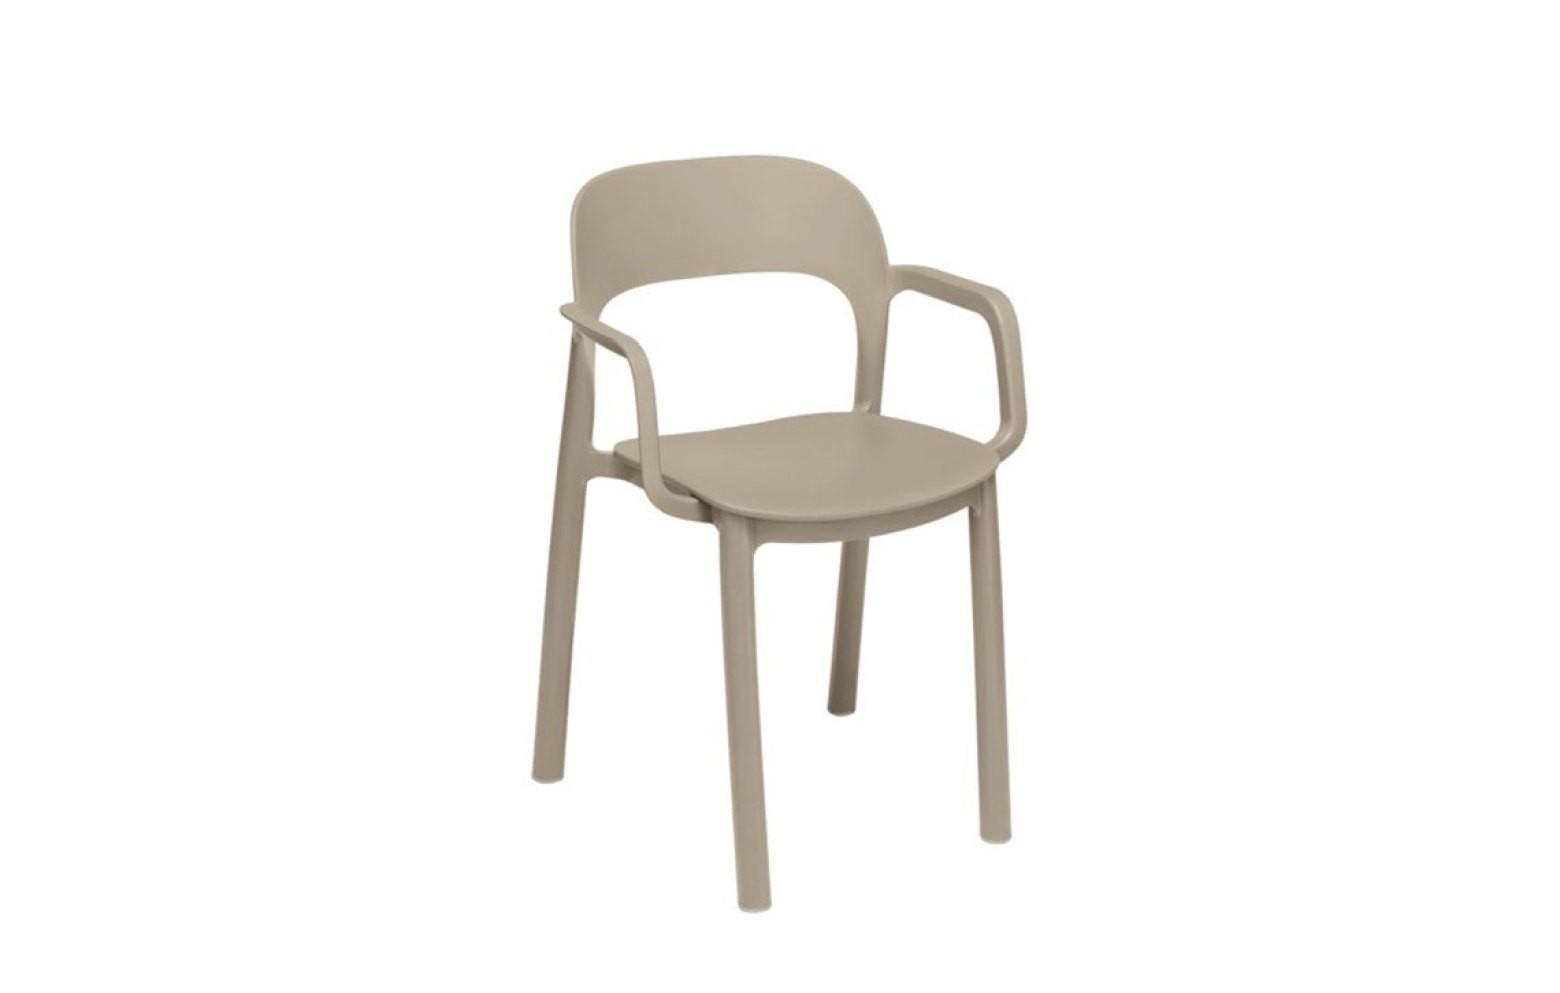 easy gartenstuhl 2er set gartenm bel online outlet who 39 s perfect. Black Bedroom Furniture Sets. Home Design Ideas